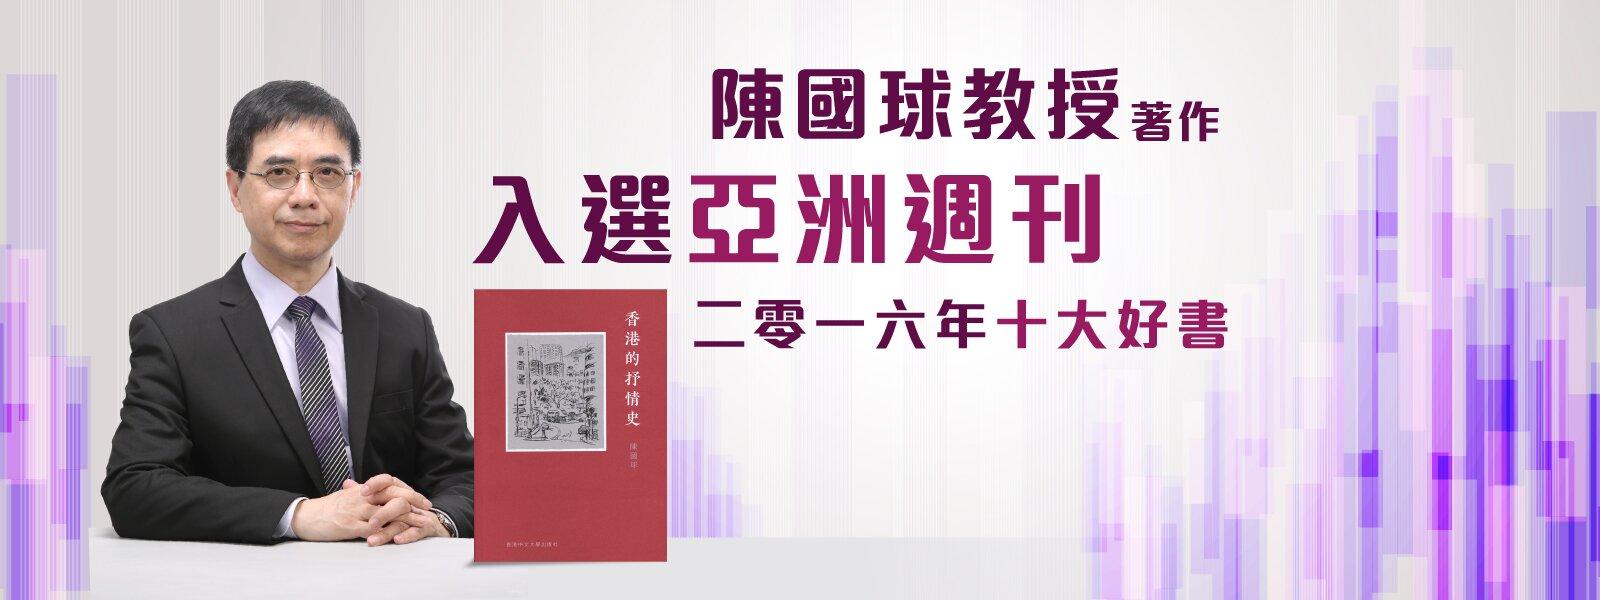 陳國球教授著作入選亞洲週刊二零一六年十大好書